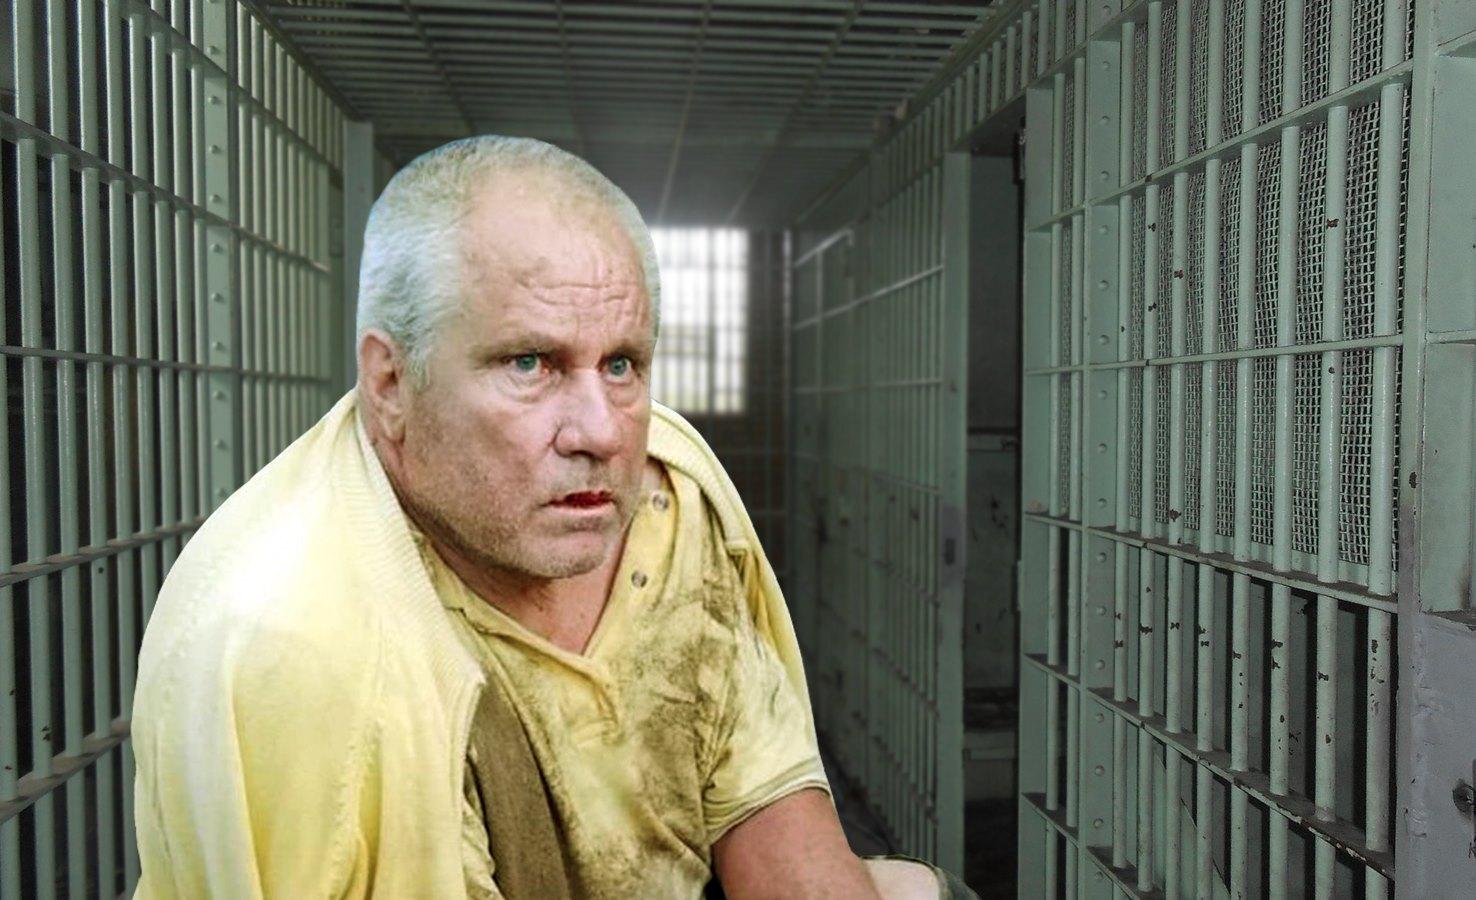 Cazul Caracal: Gheorghe Dincă a fost violat și mutilat de ceilalți deținuți, în pușcărie! Soția lui a fost chemată de urgență